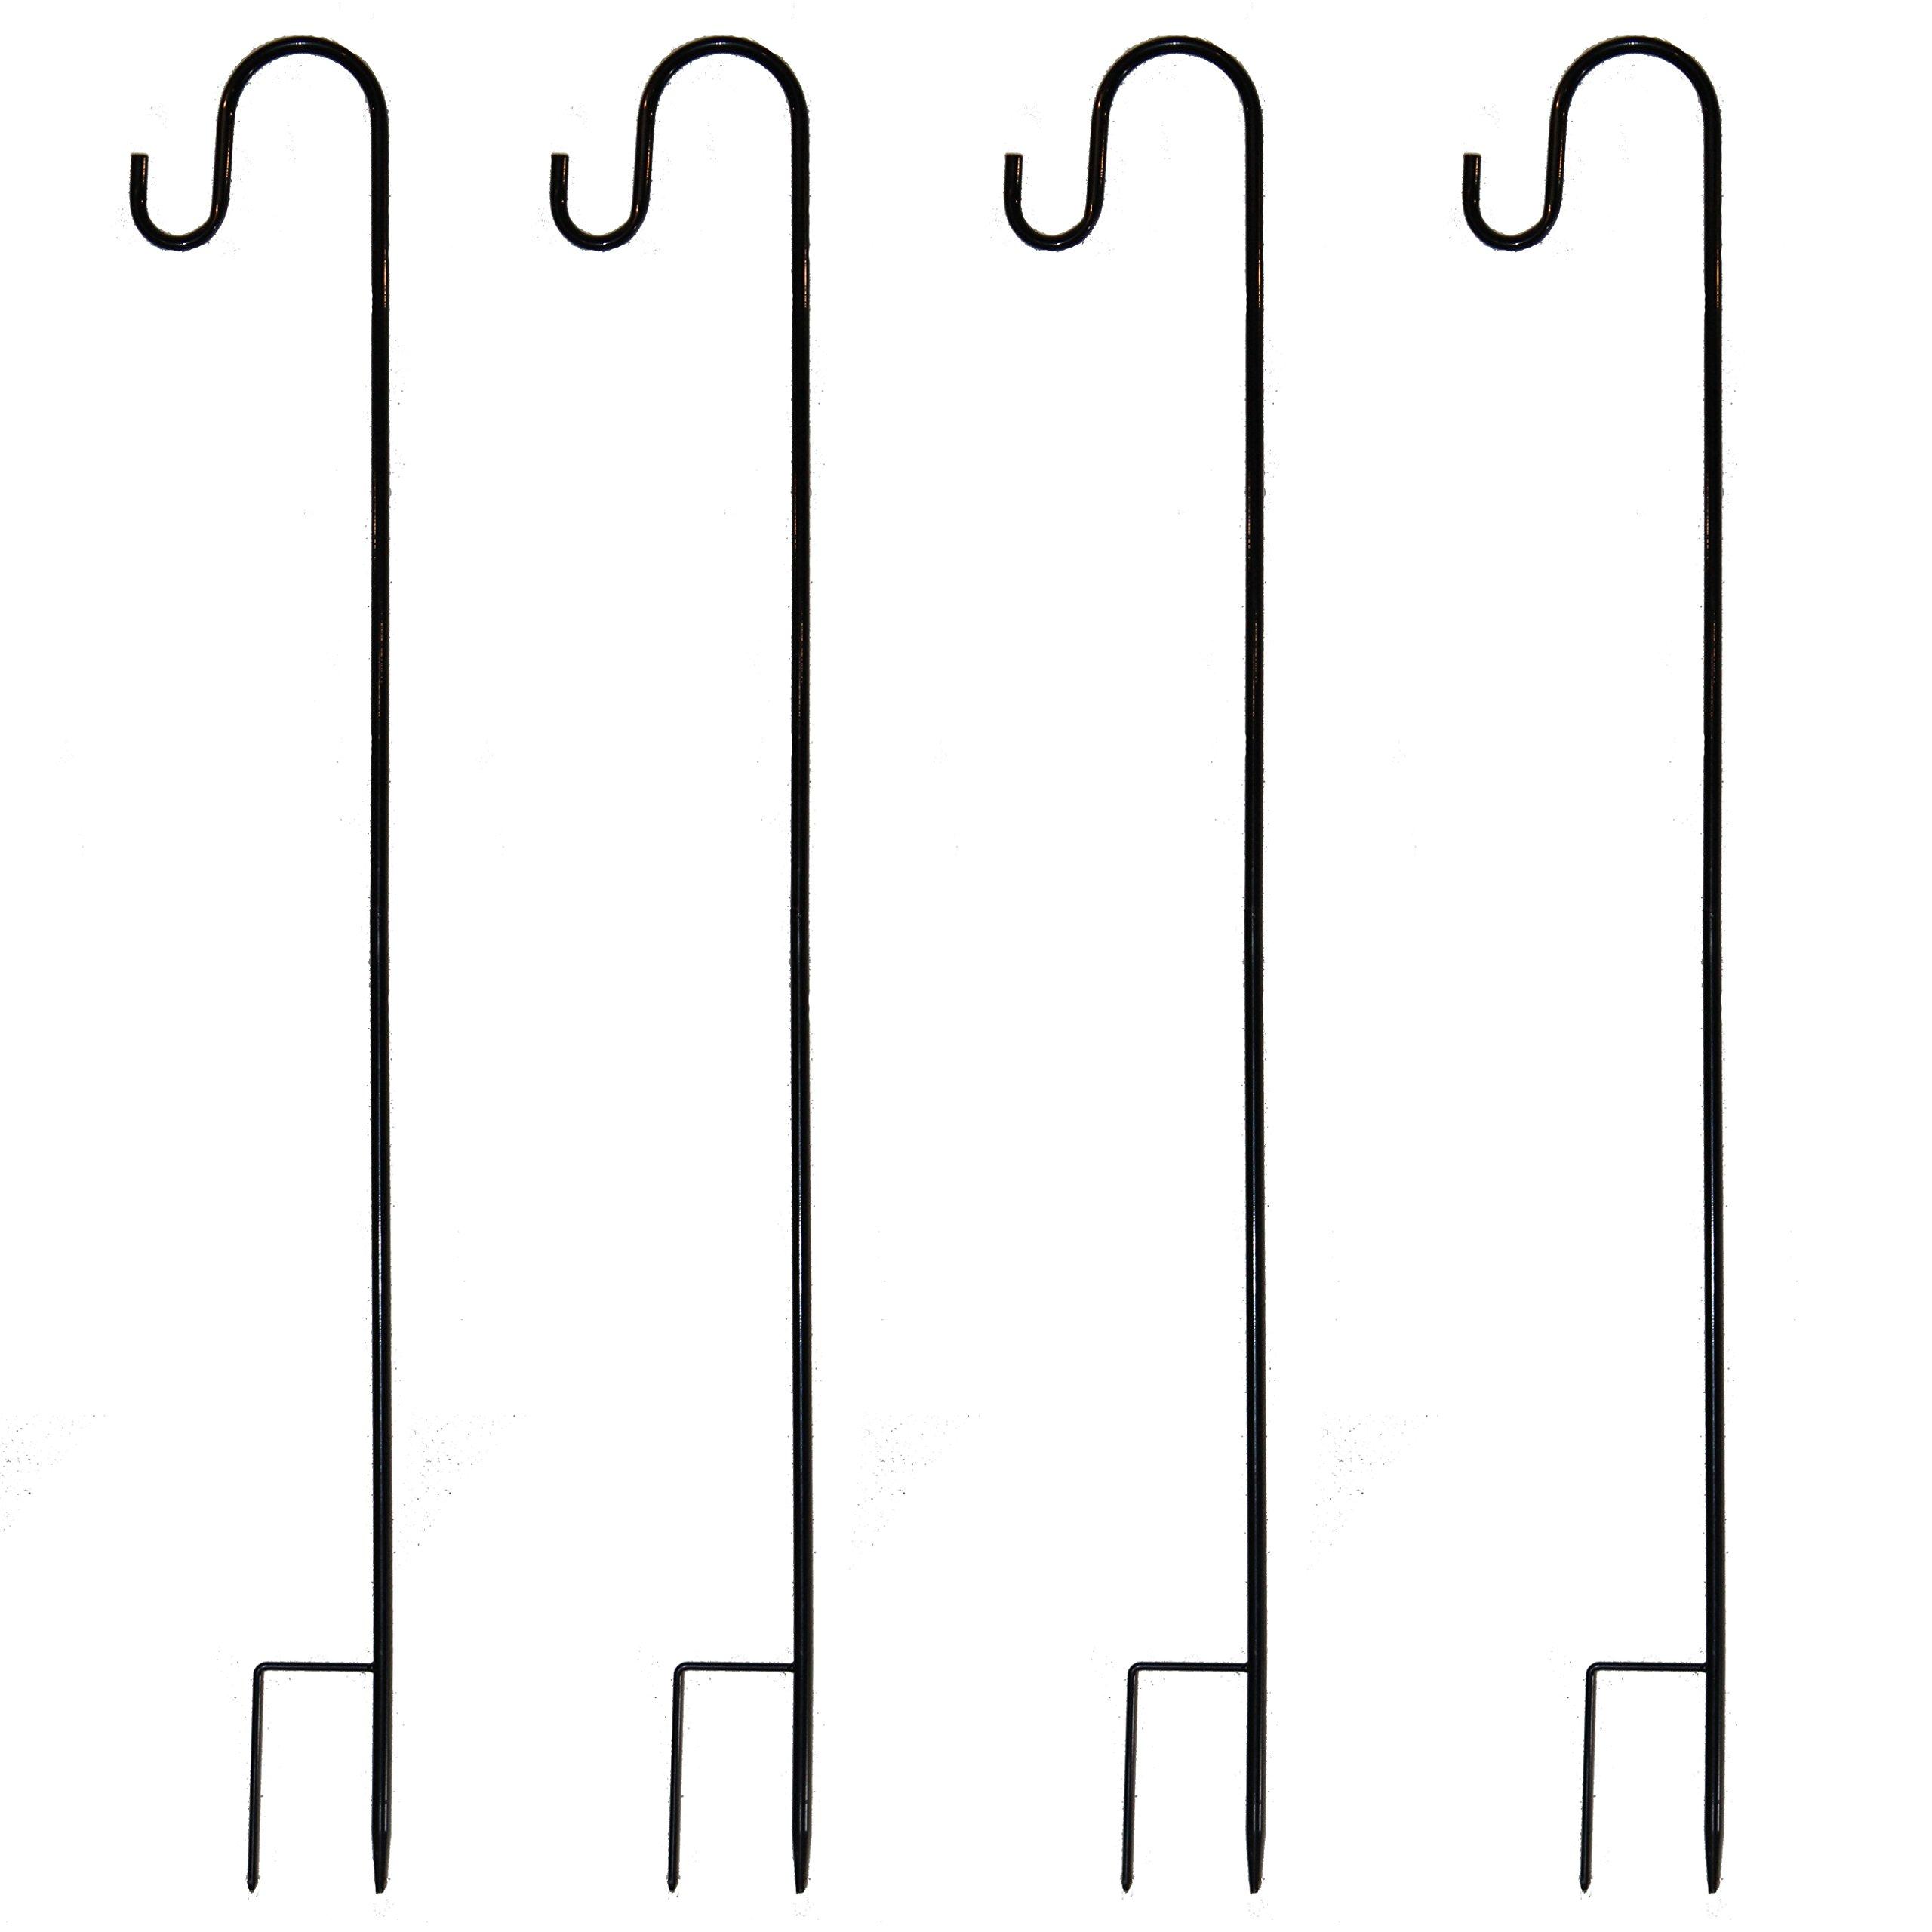 Joiedomi 39 Inches Shepherd Hook Garden Hook Hanger Premium Metal Rust Resistant for Hanging Plants, Solar Lights, Lanterns, Bird Feeders etc (4 Pack) by Joiedomi